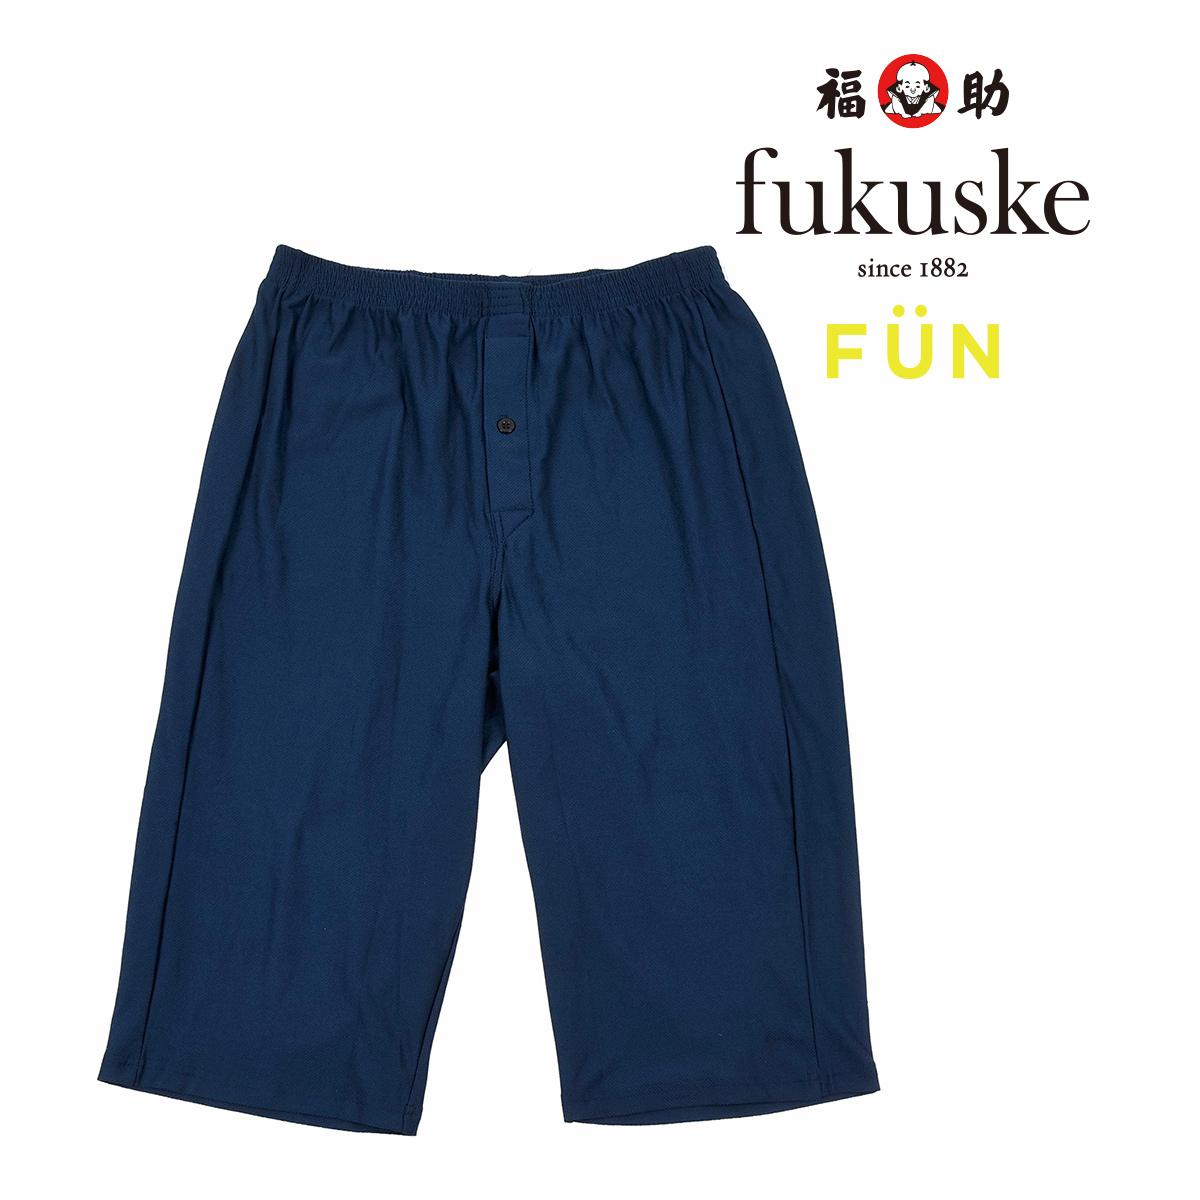 福助 公式 メンズ fukuske FUN 前開き メッシュ ロングニットトランクス